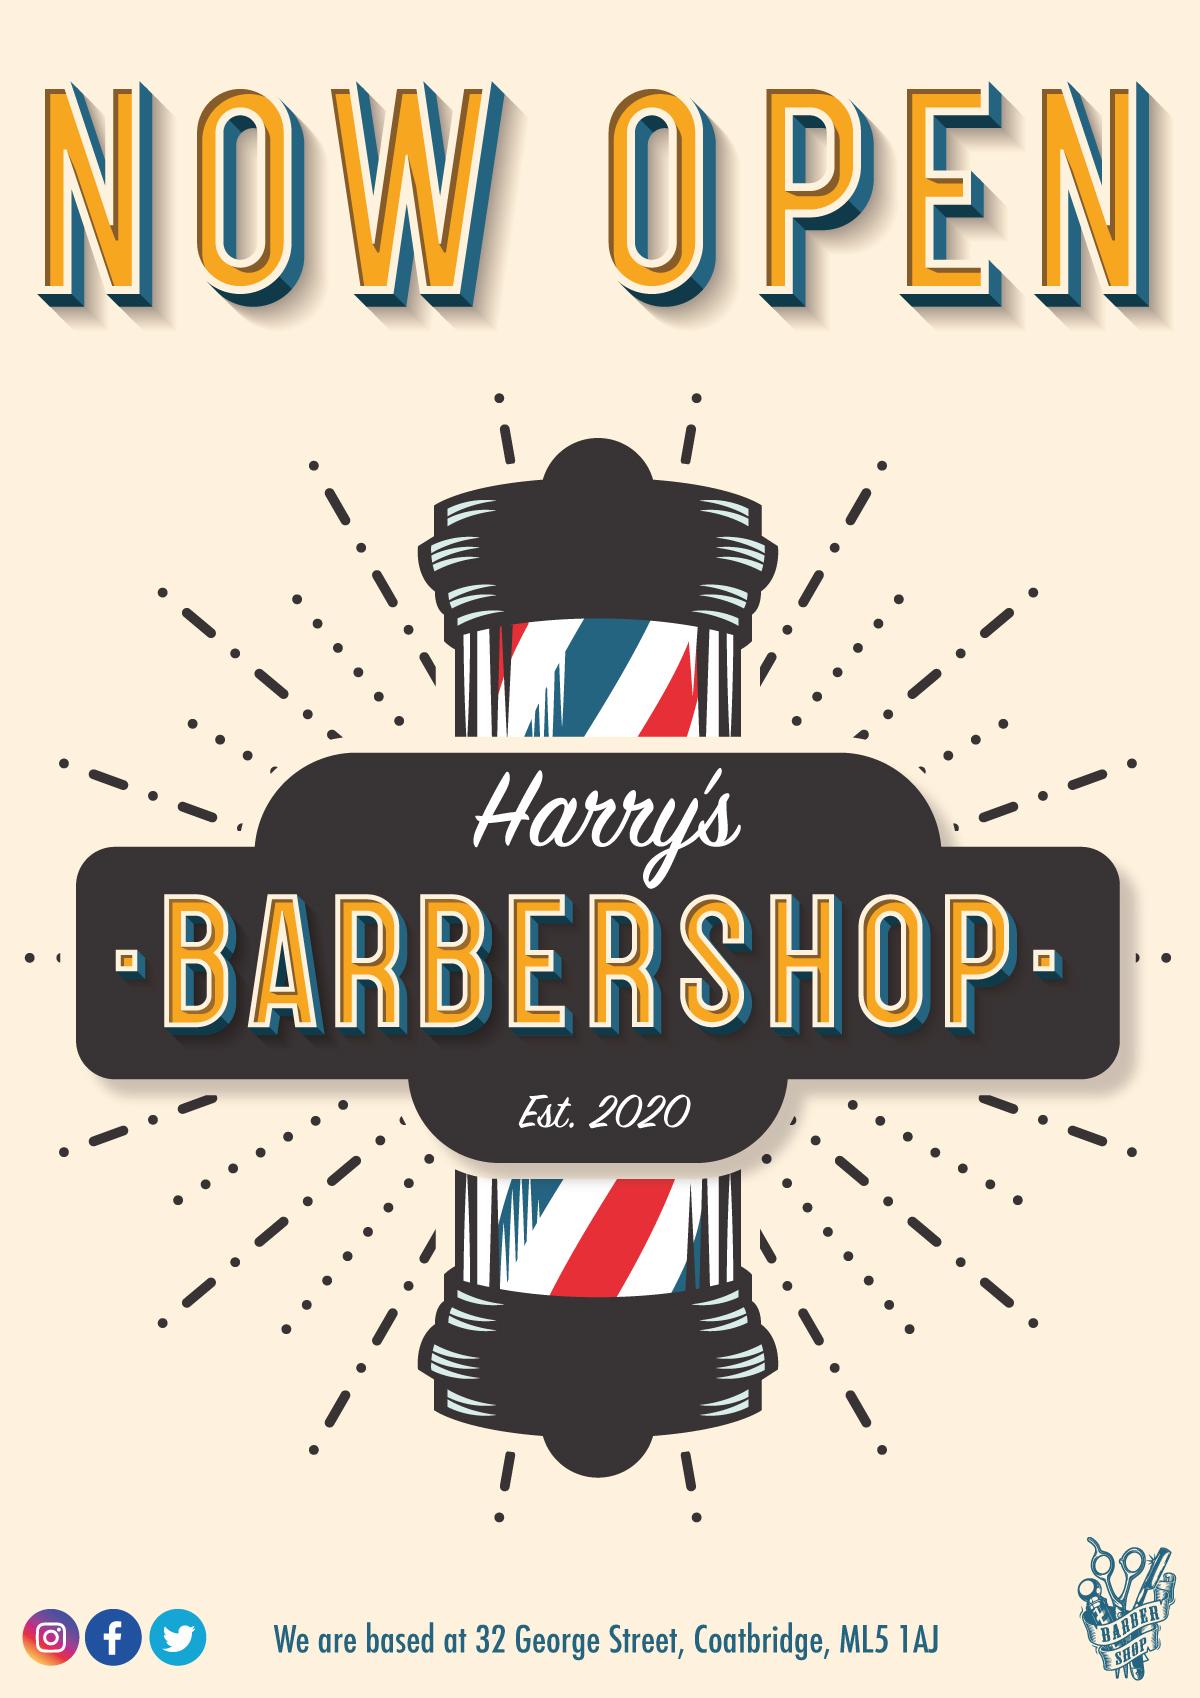 harrys-barbershop